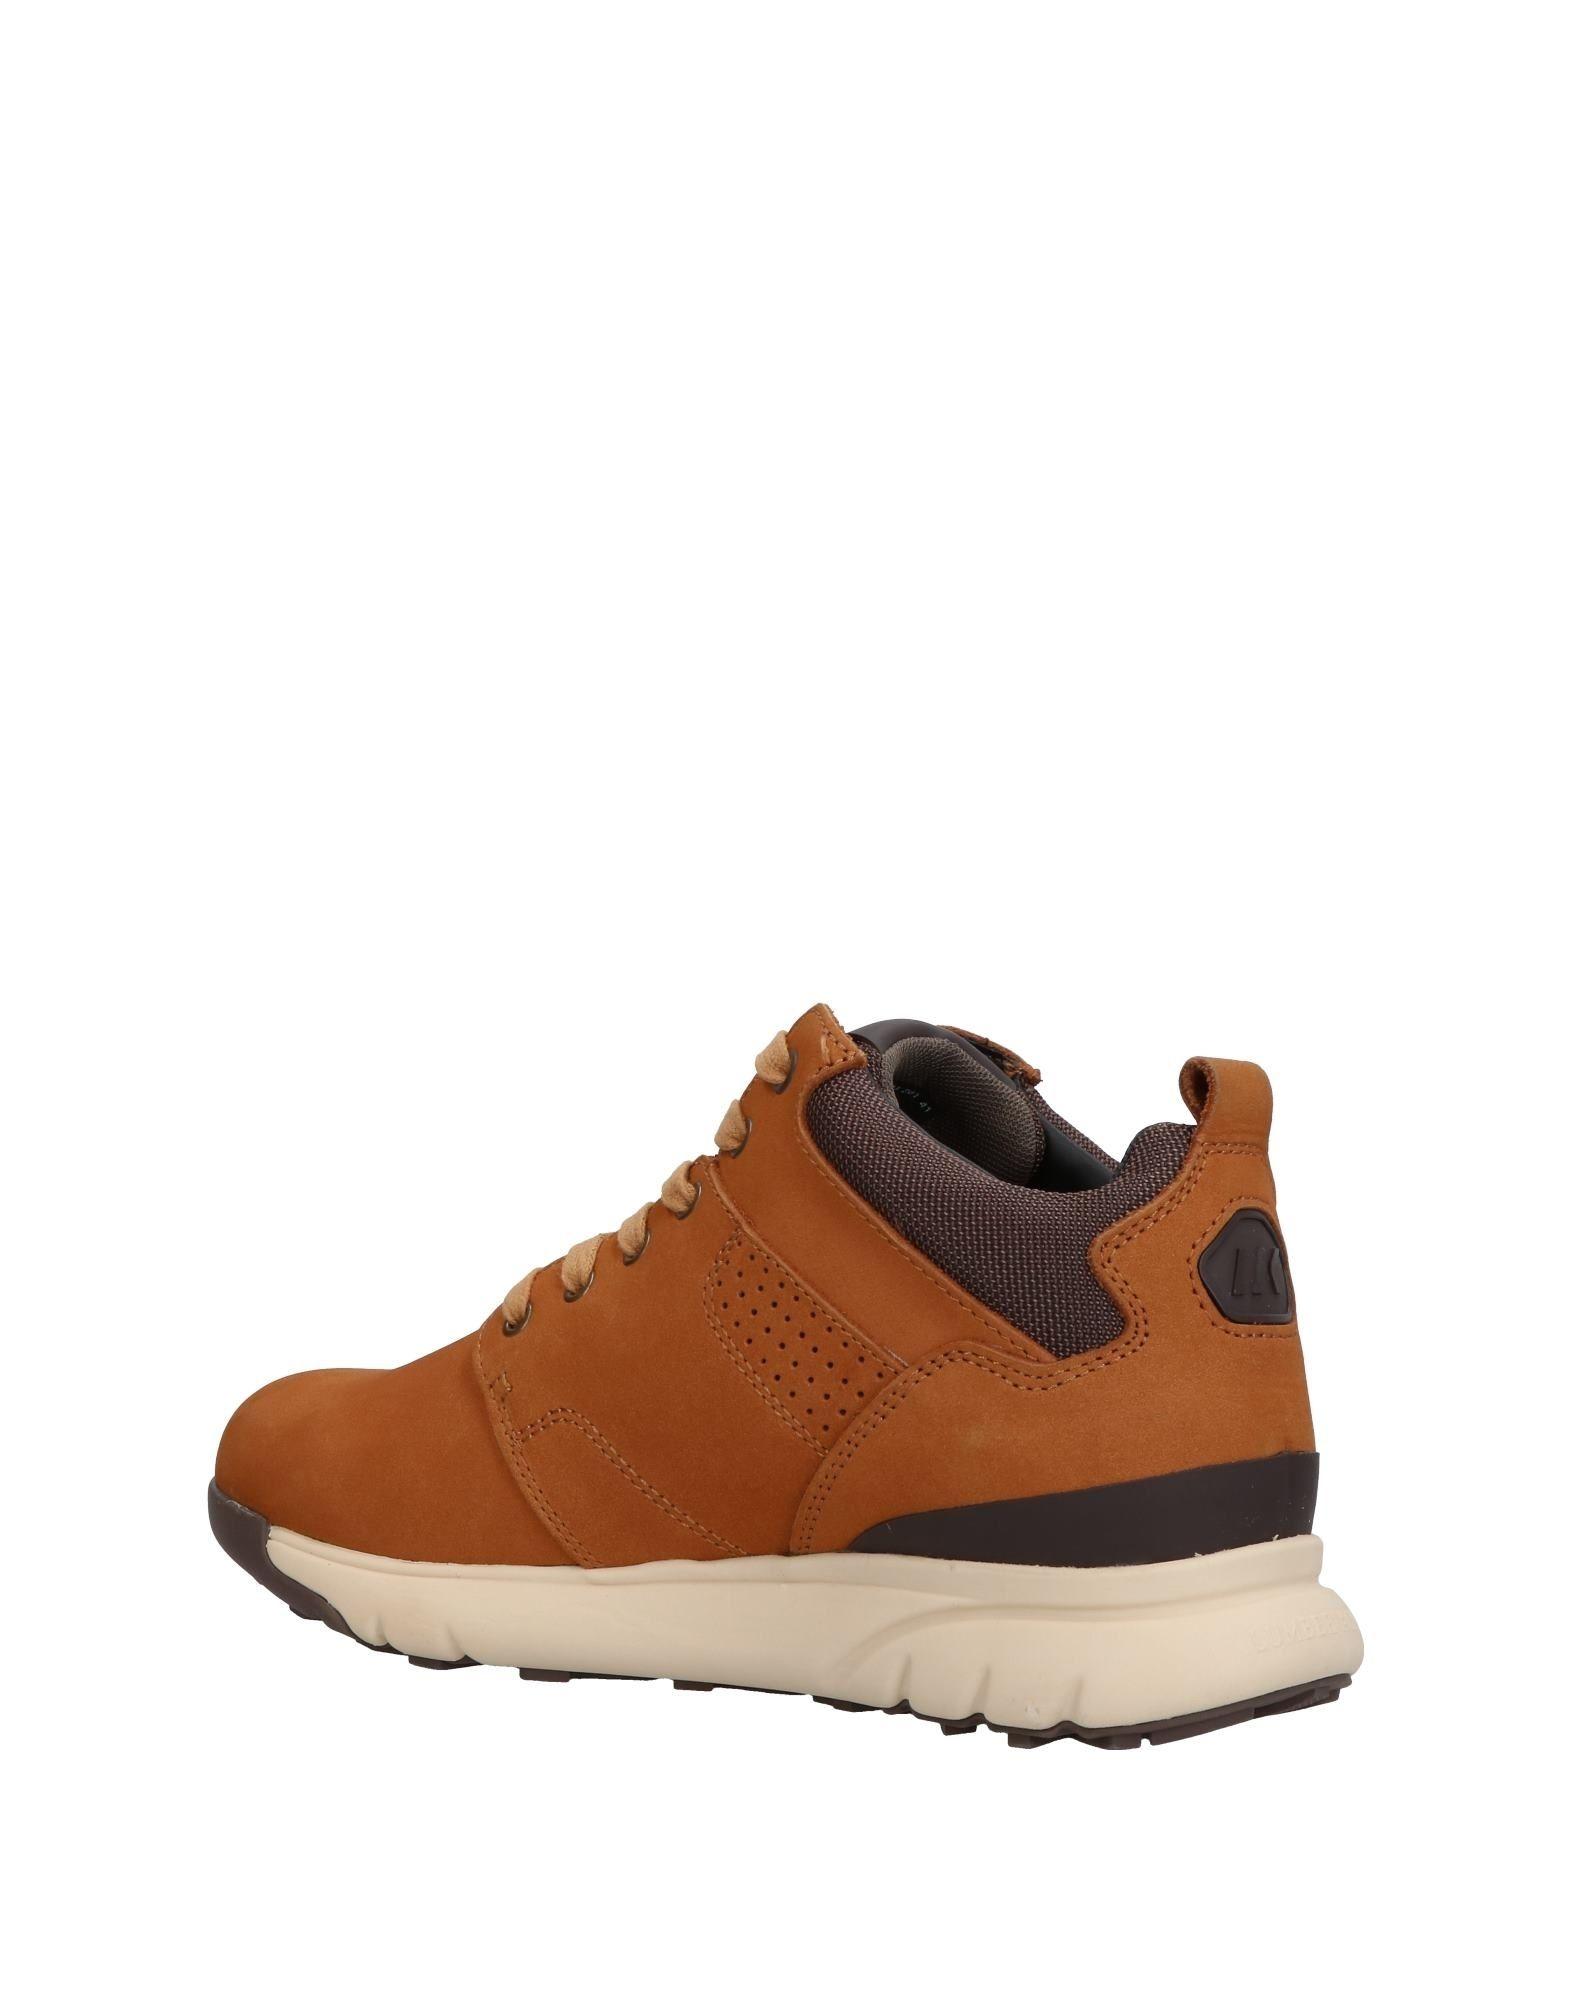 Lumberjack Sneakers Sneakers Lumberjack Herren  11337363BH 267717